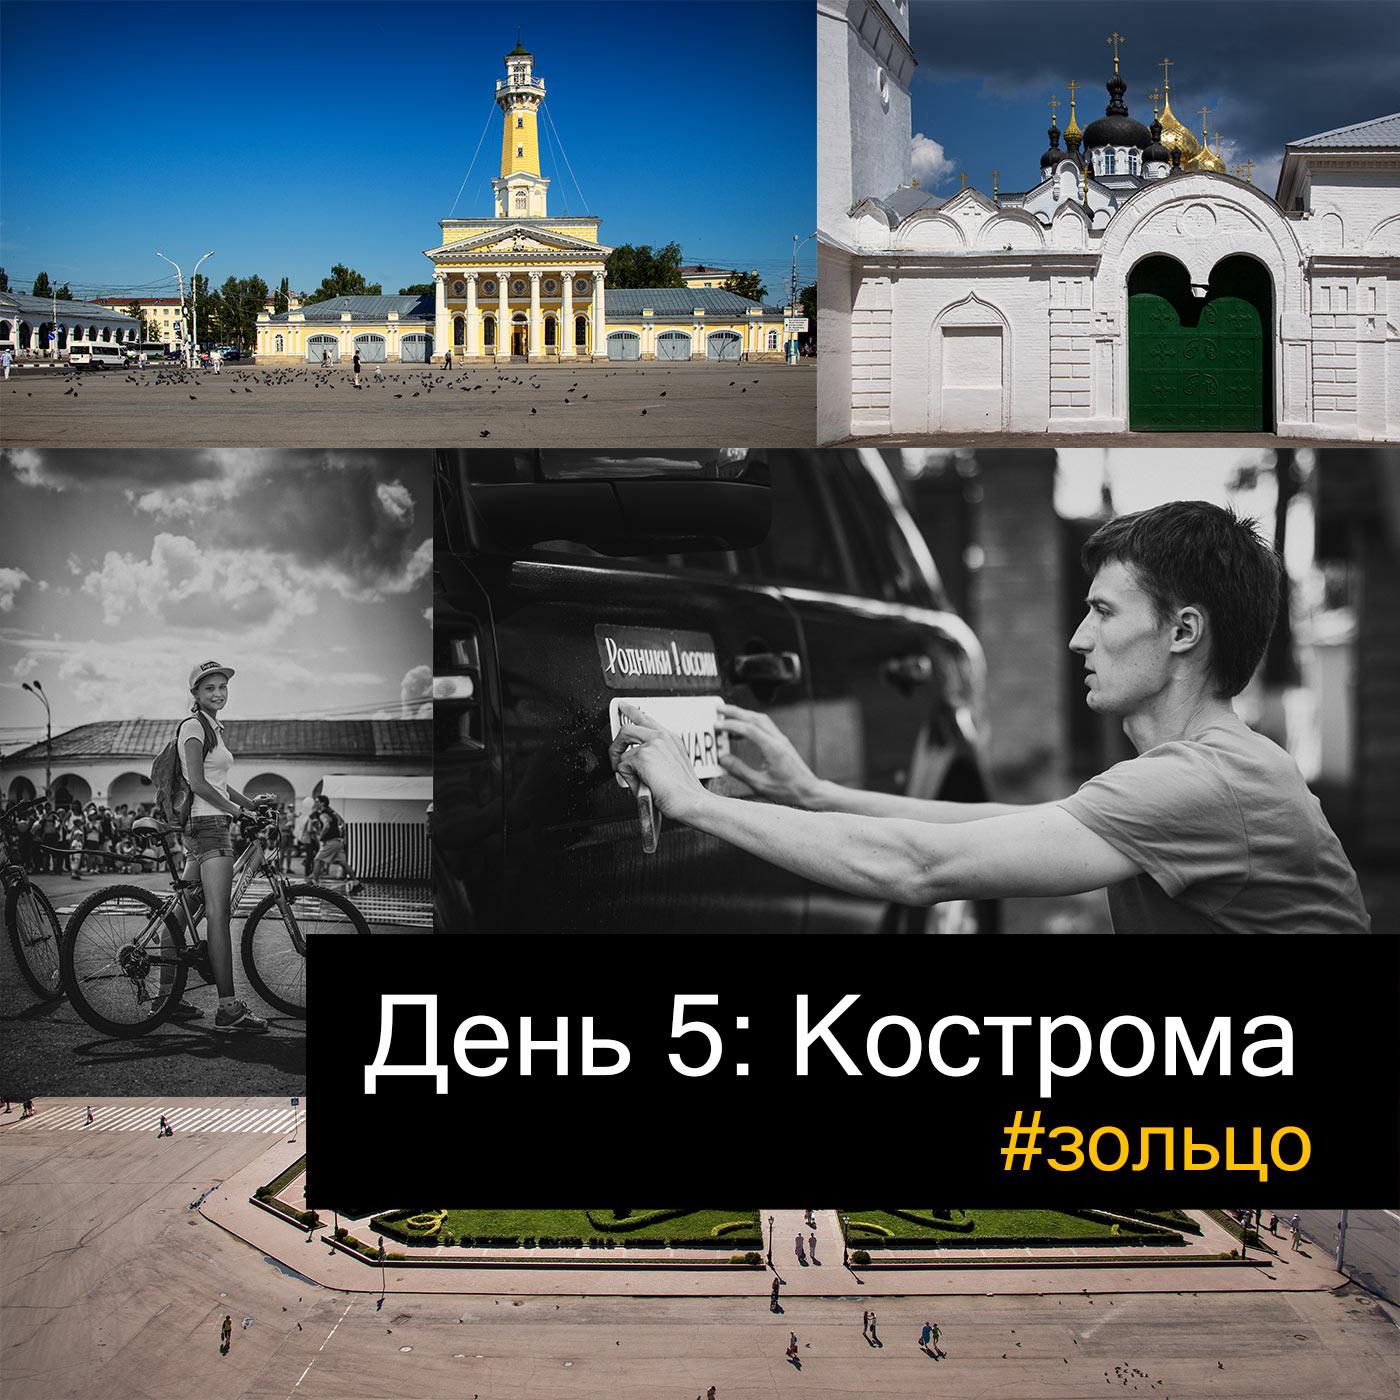 Экспедиция по Золотому Кольцу: день 5 - в Костроме